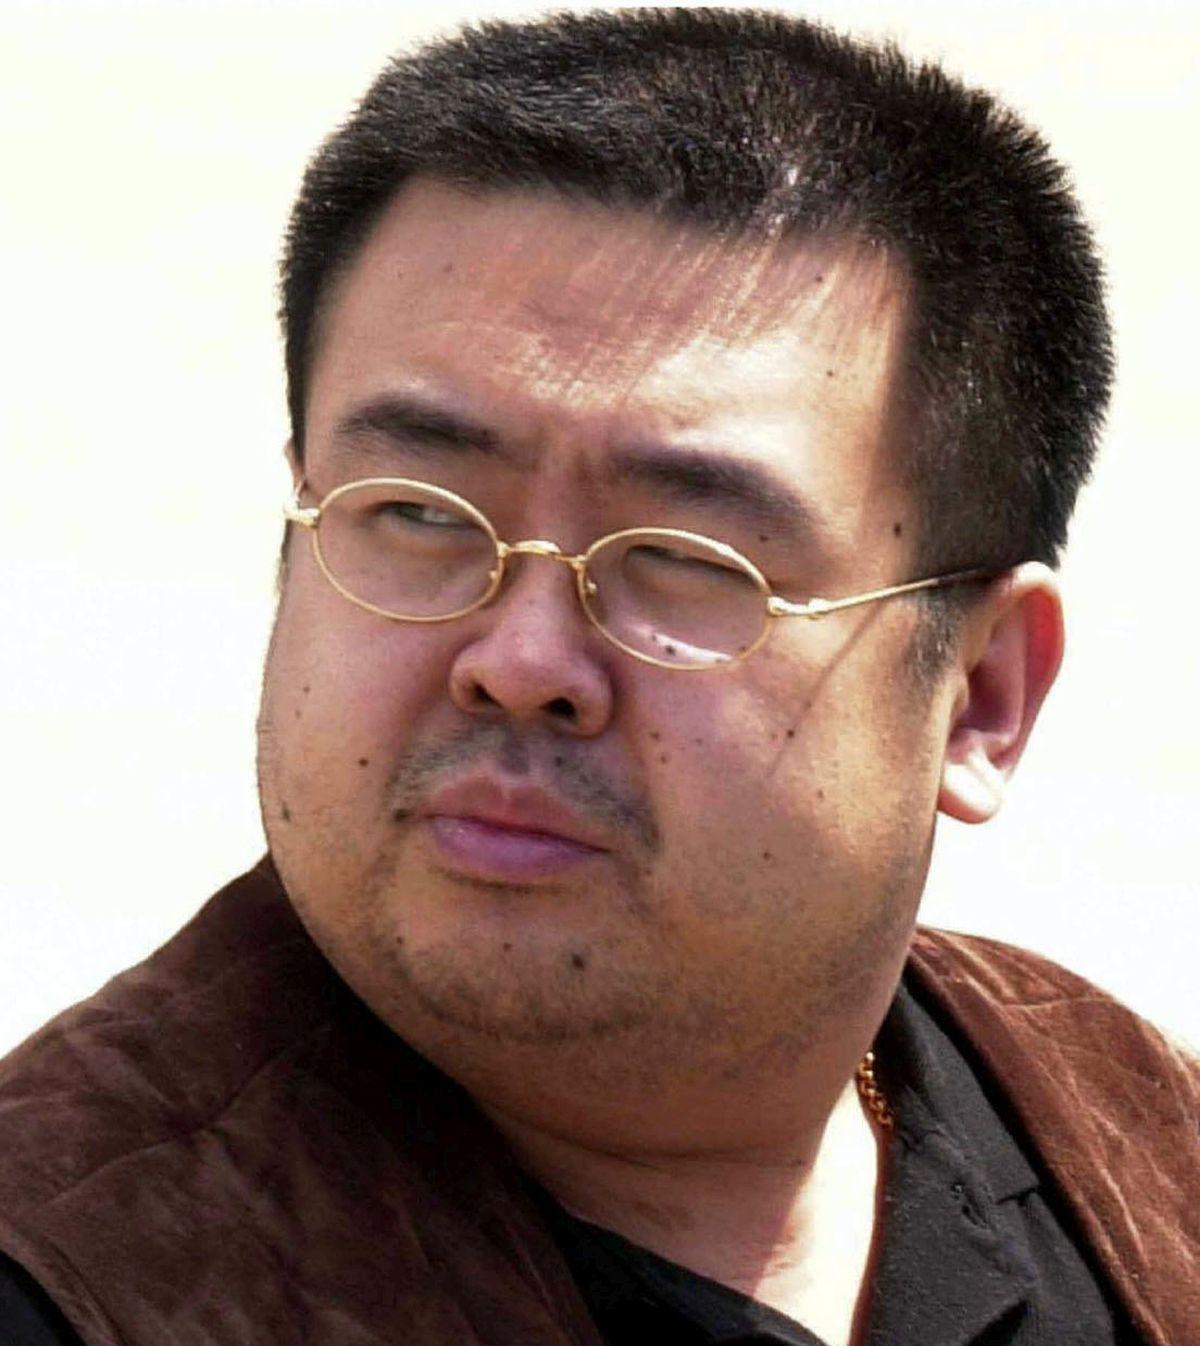 """Kimova obdukcija """"nezakonita i nemoralna"""""""